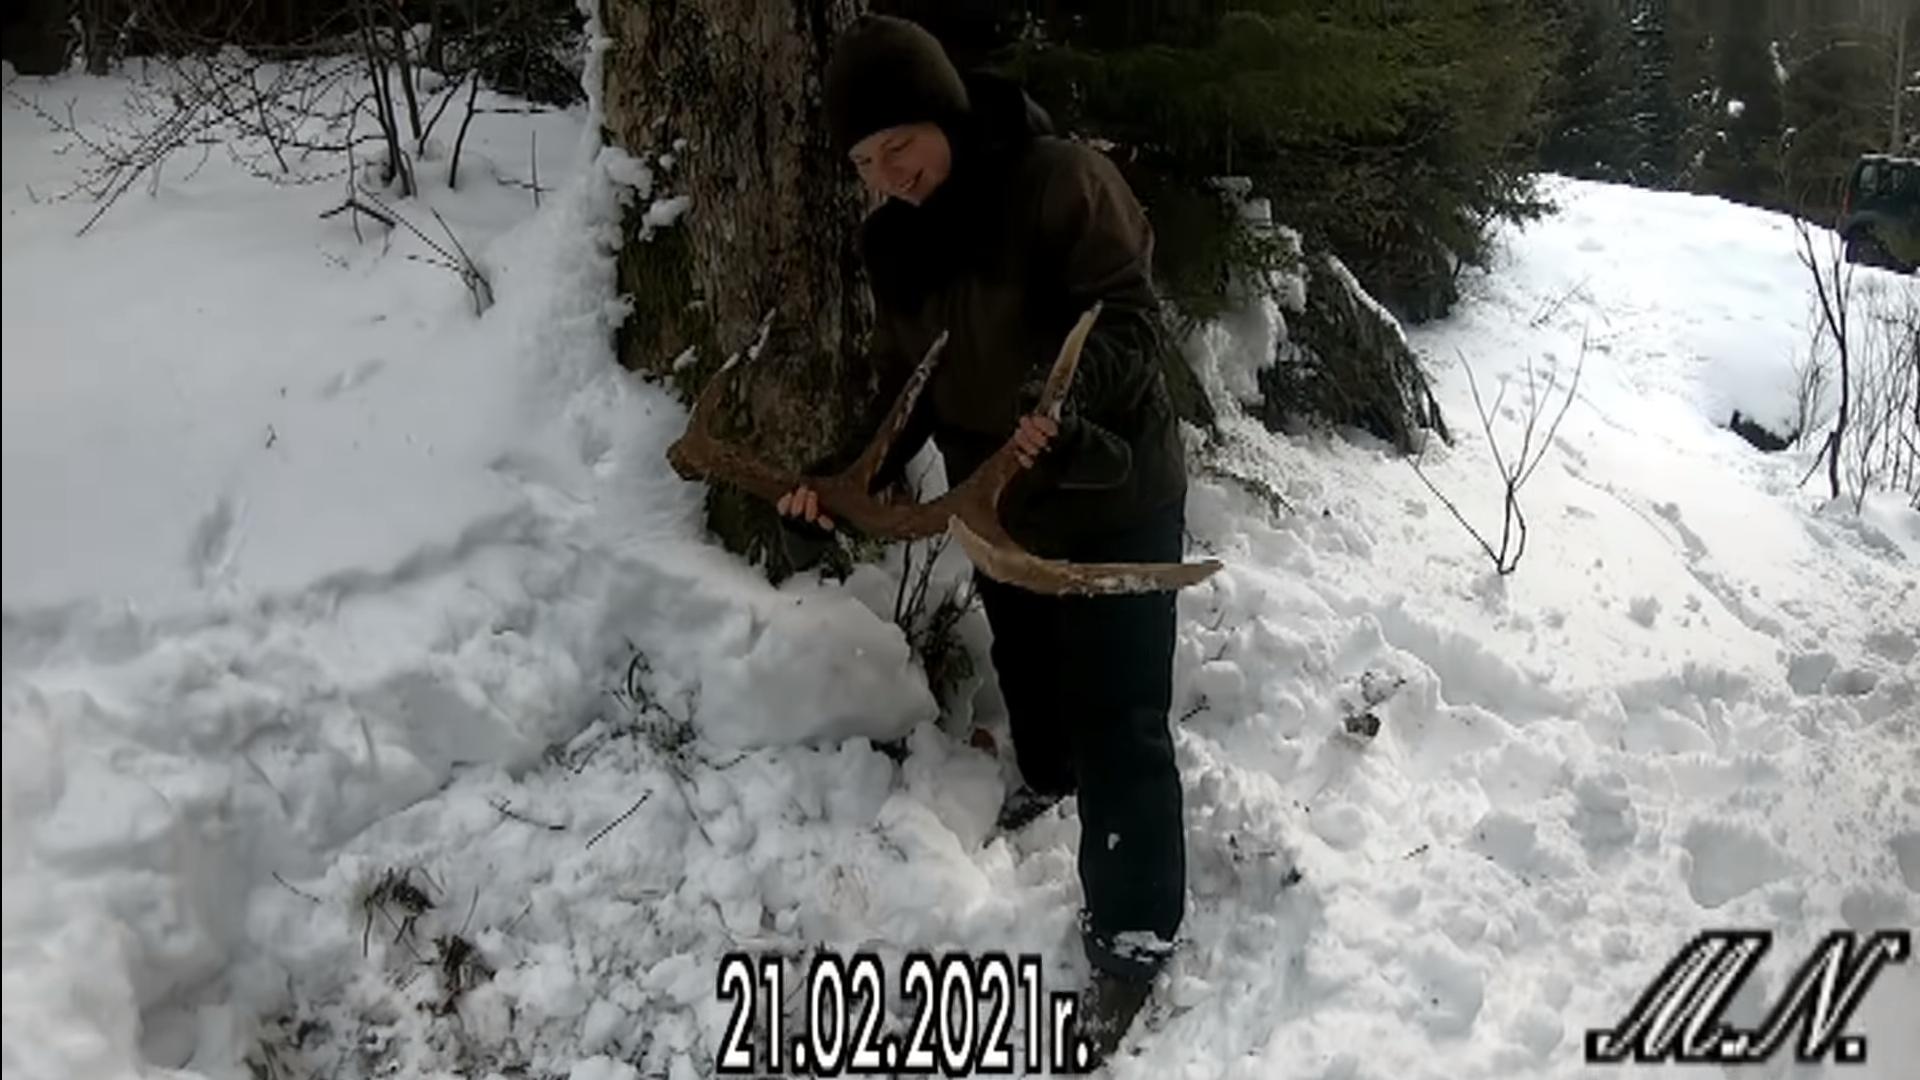 W Bieszczadach znalazła 3kg poroże jelenia! Zobacz nagranie - Zdjęcie główne